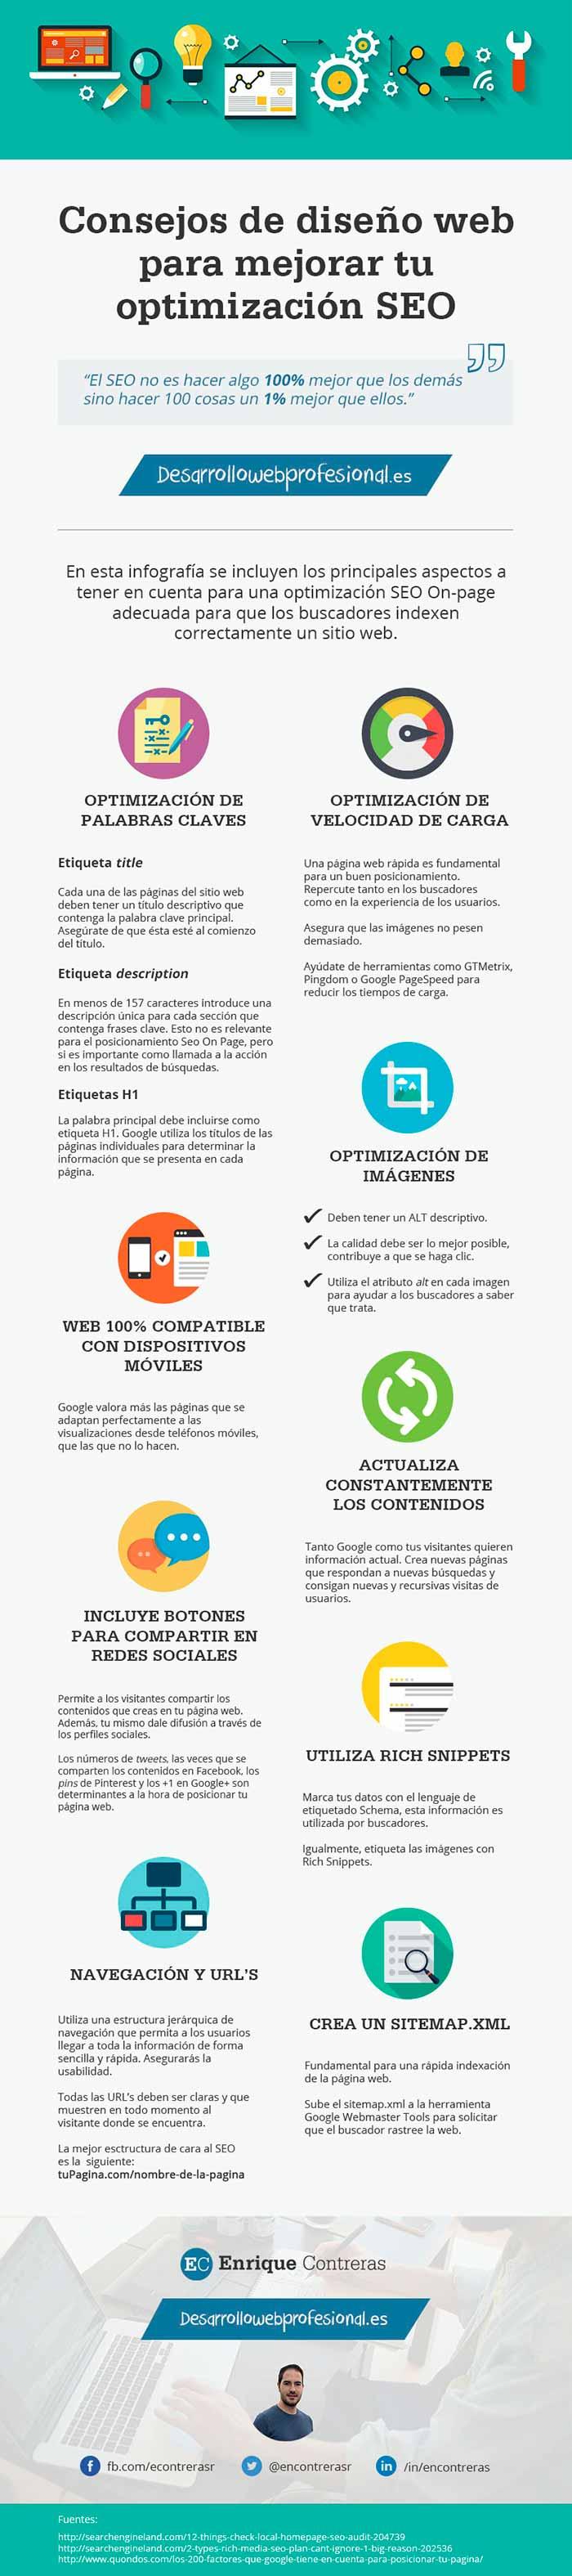 Infografia sobre diseño web para mejorar el SEO